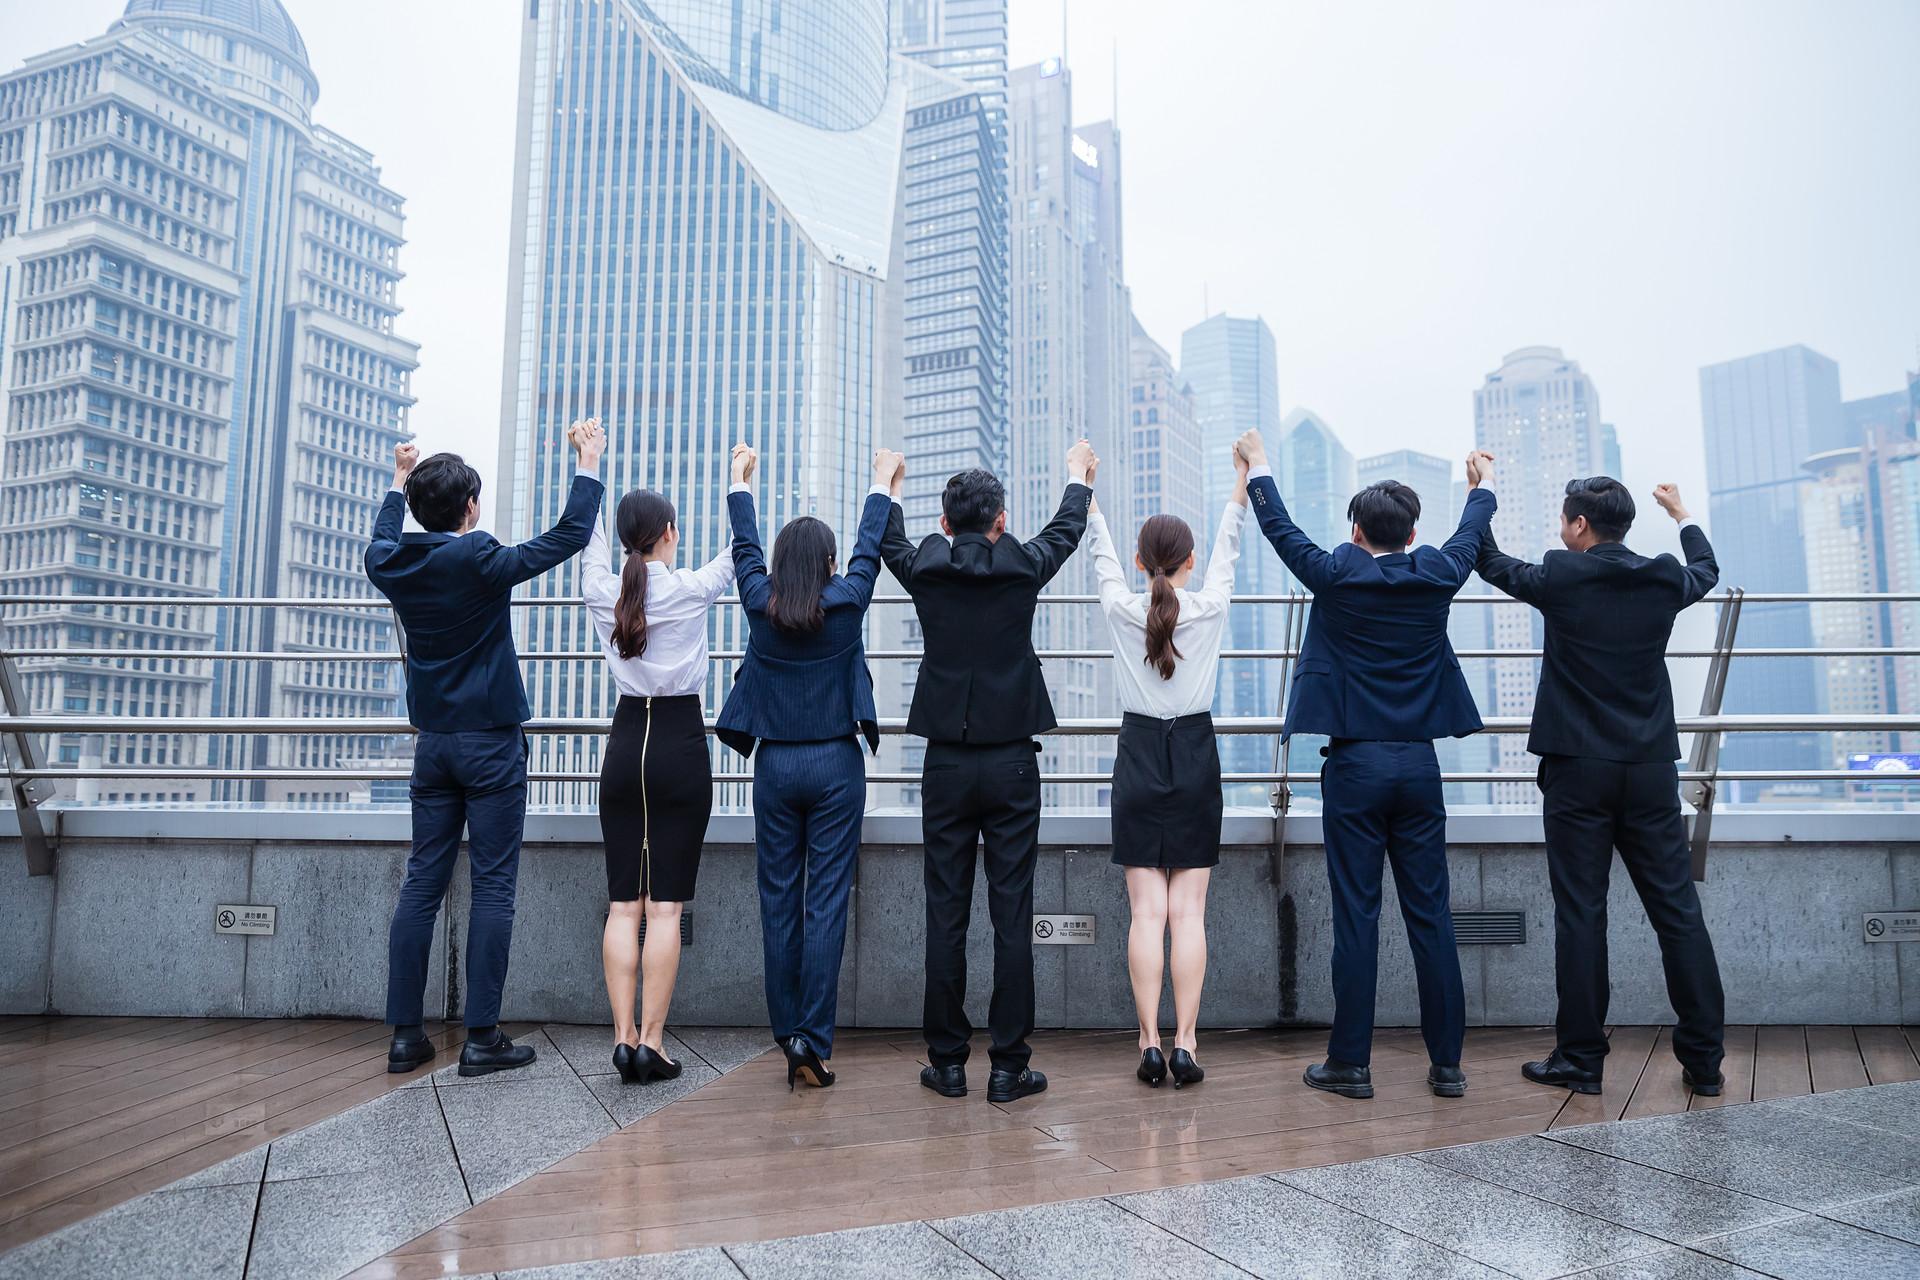 长沙社保代理企业:个人缴纳社保划算吗?哪种缴纳方式划算?